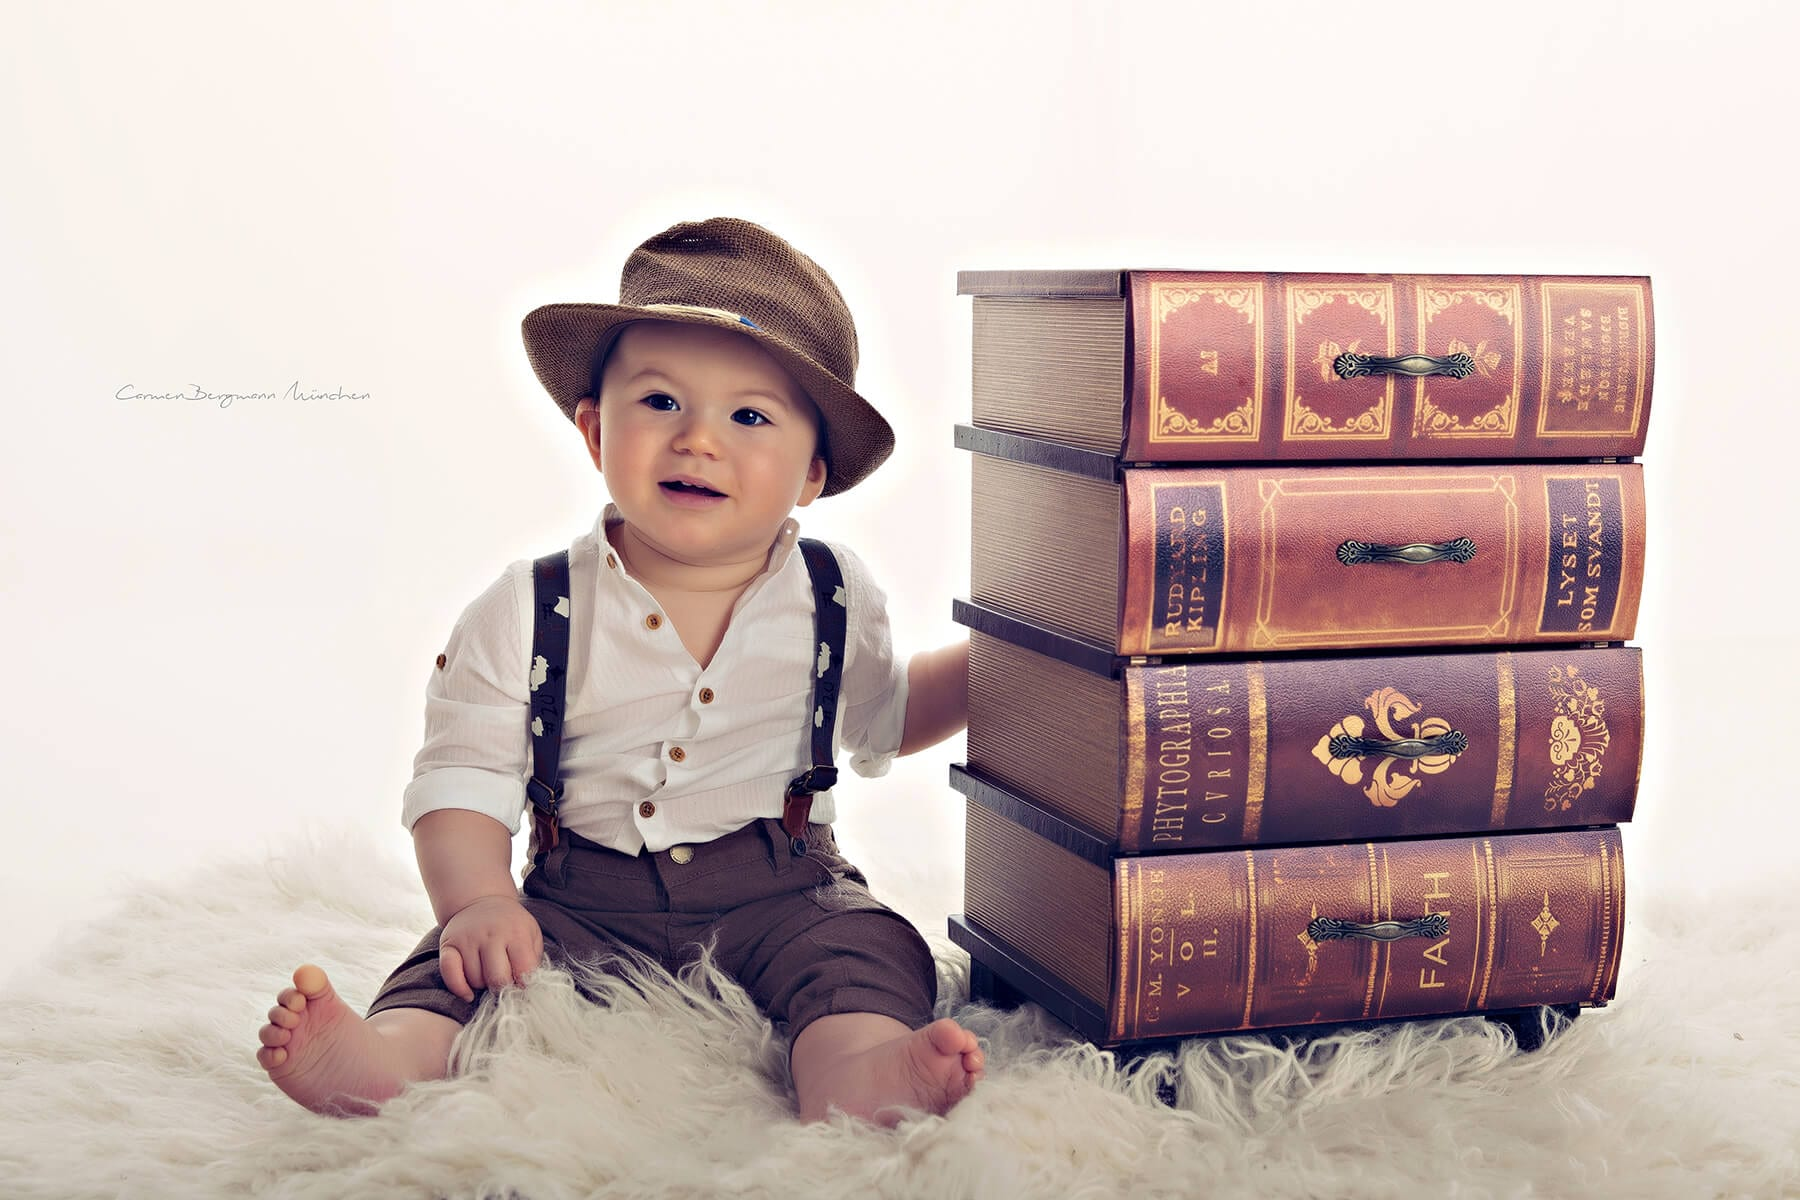 Babyfotografin Muenchen